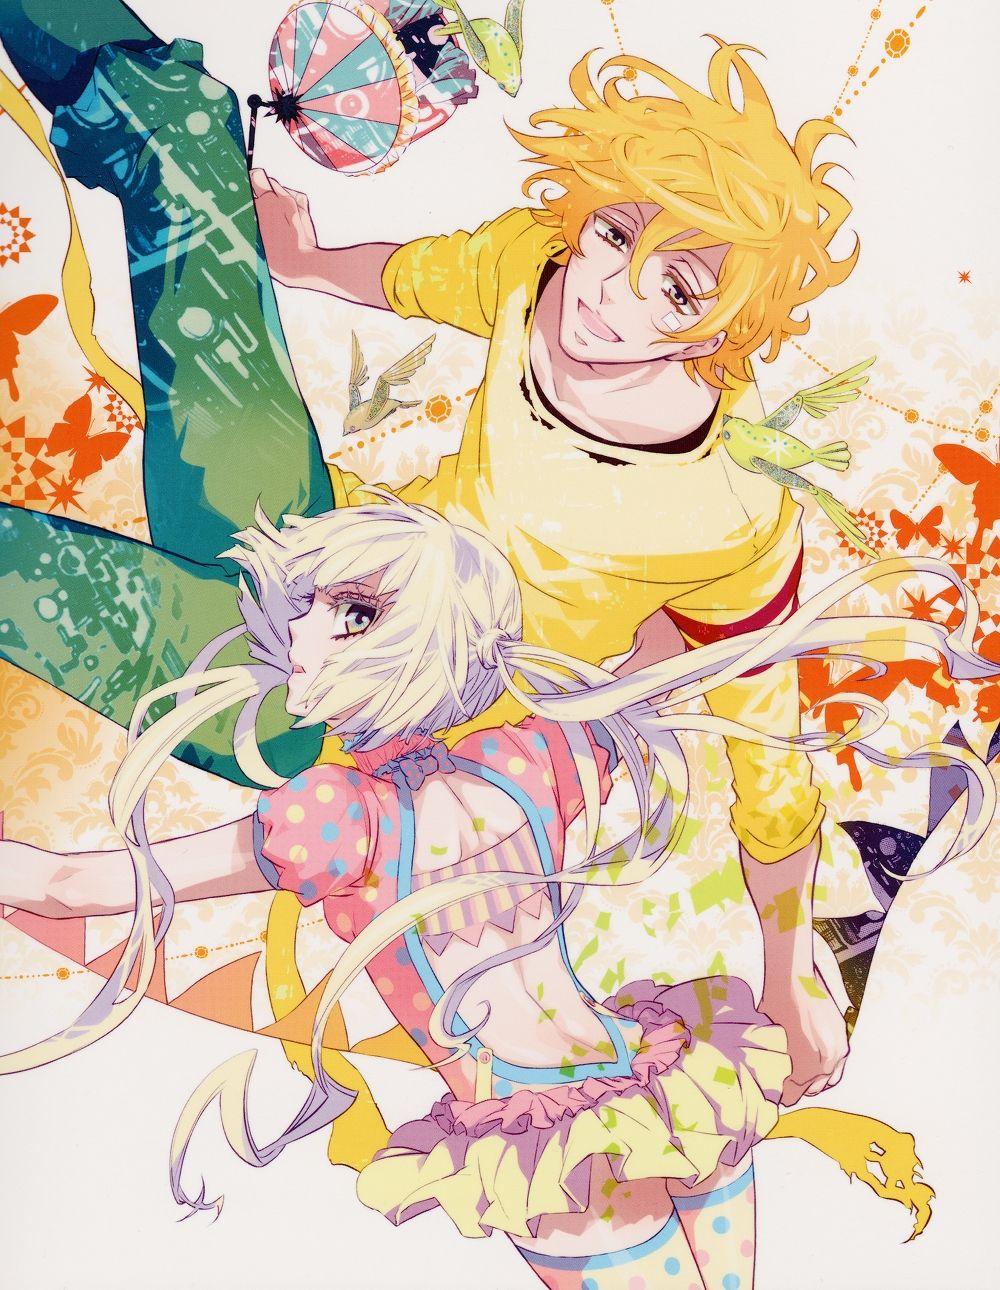 Karneval/1665839 Zerochan Anime, Manga anime, Anime guys